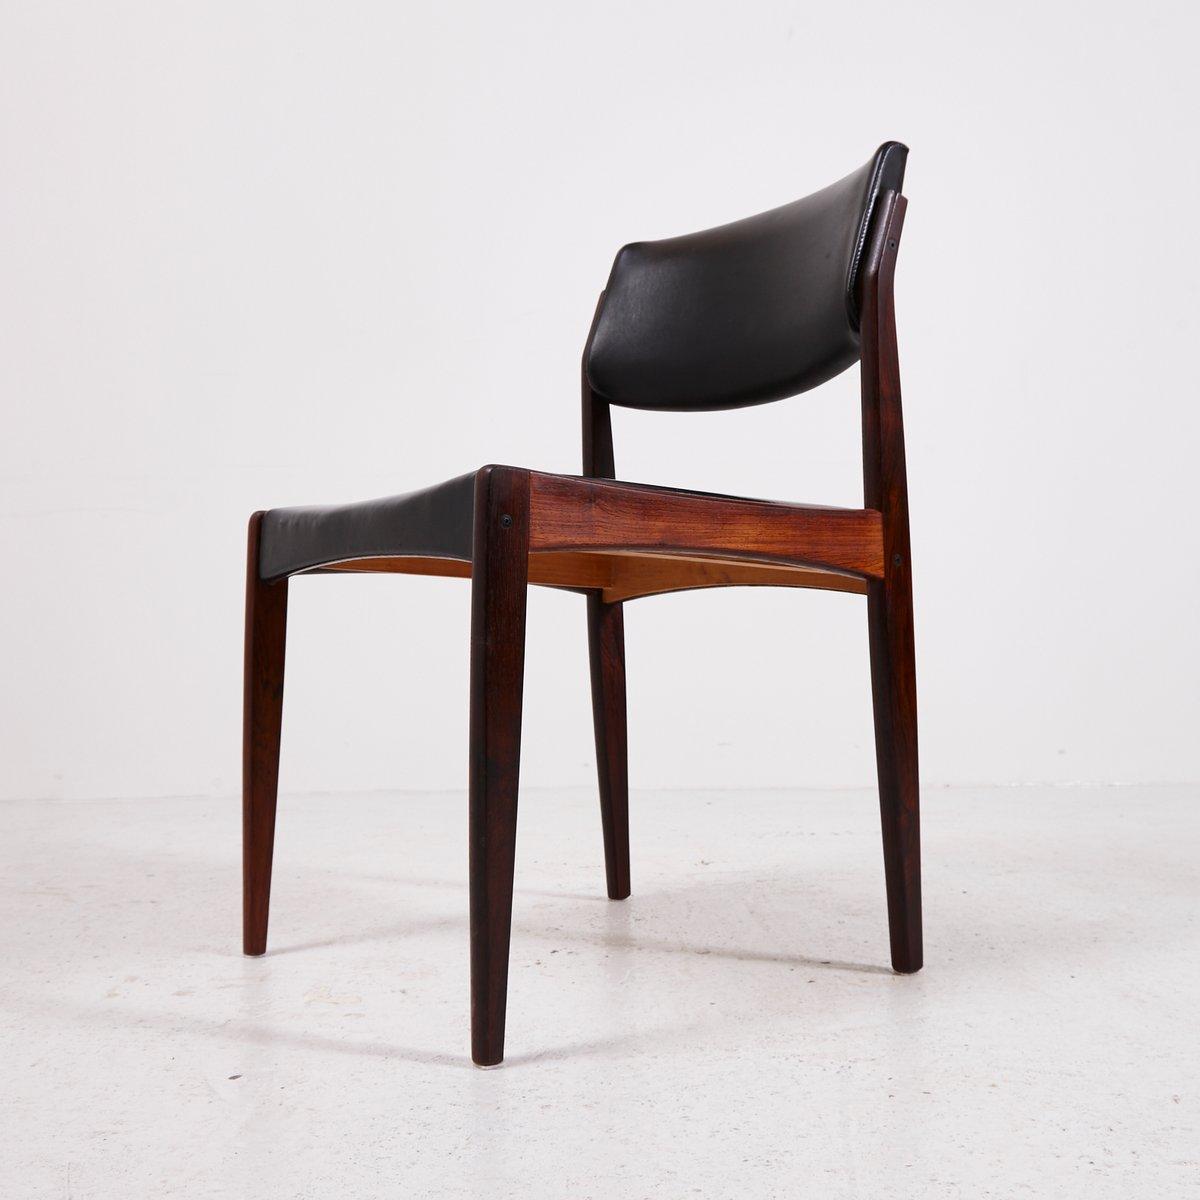 chaise d 39 appoint 1970s en vente sur pamono. Black Bedroom Furniture Sets. Home Design Ideas